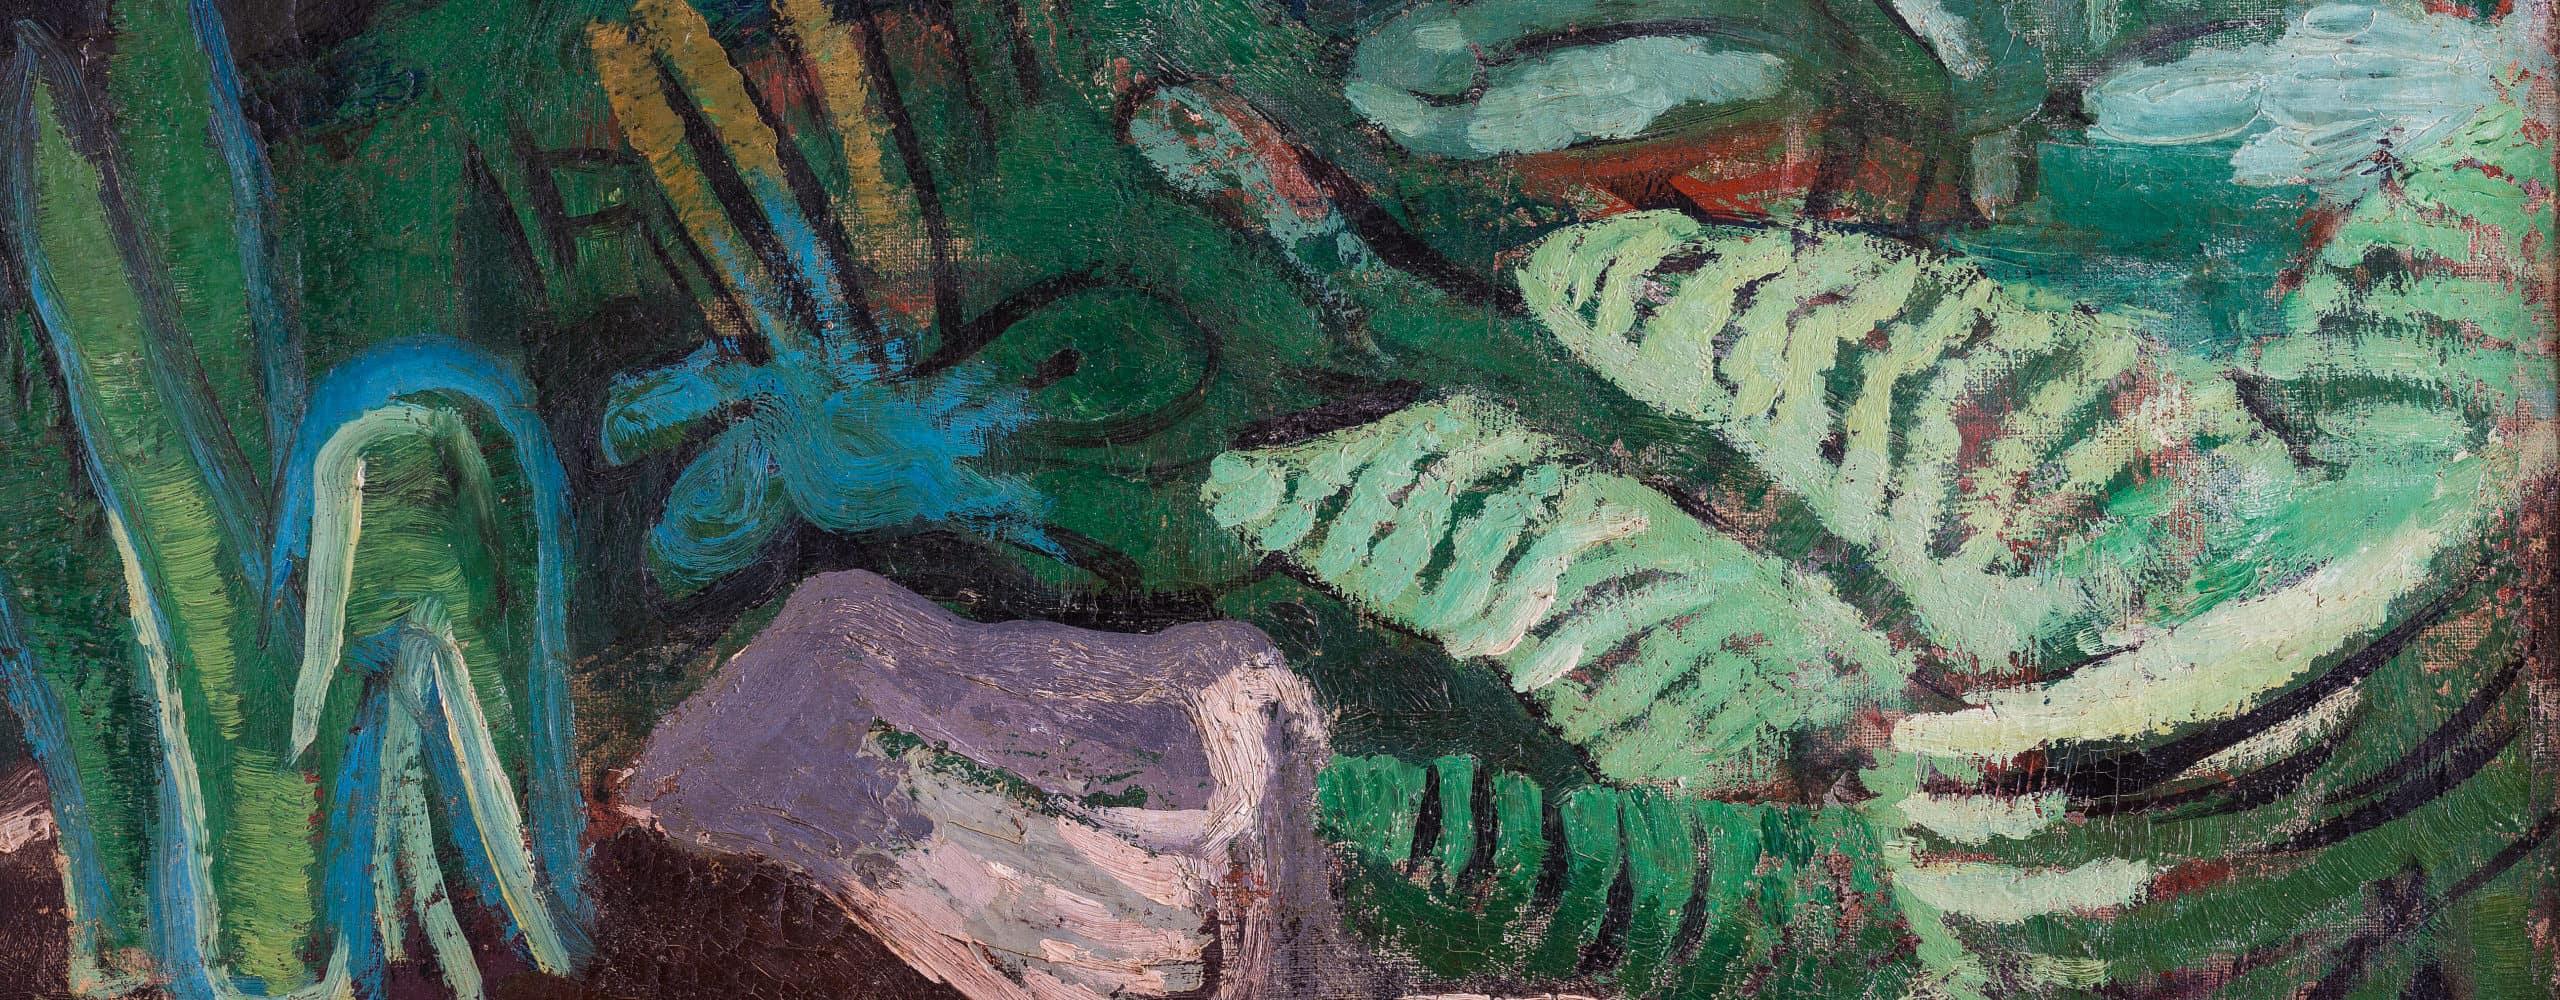 Teichlandschaft | 1932